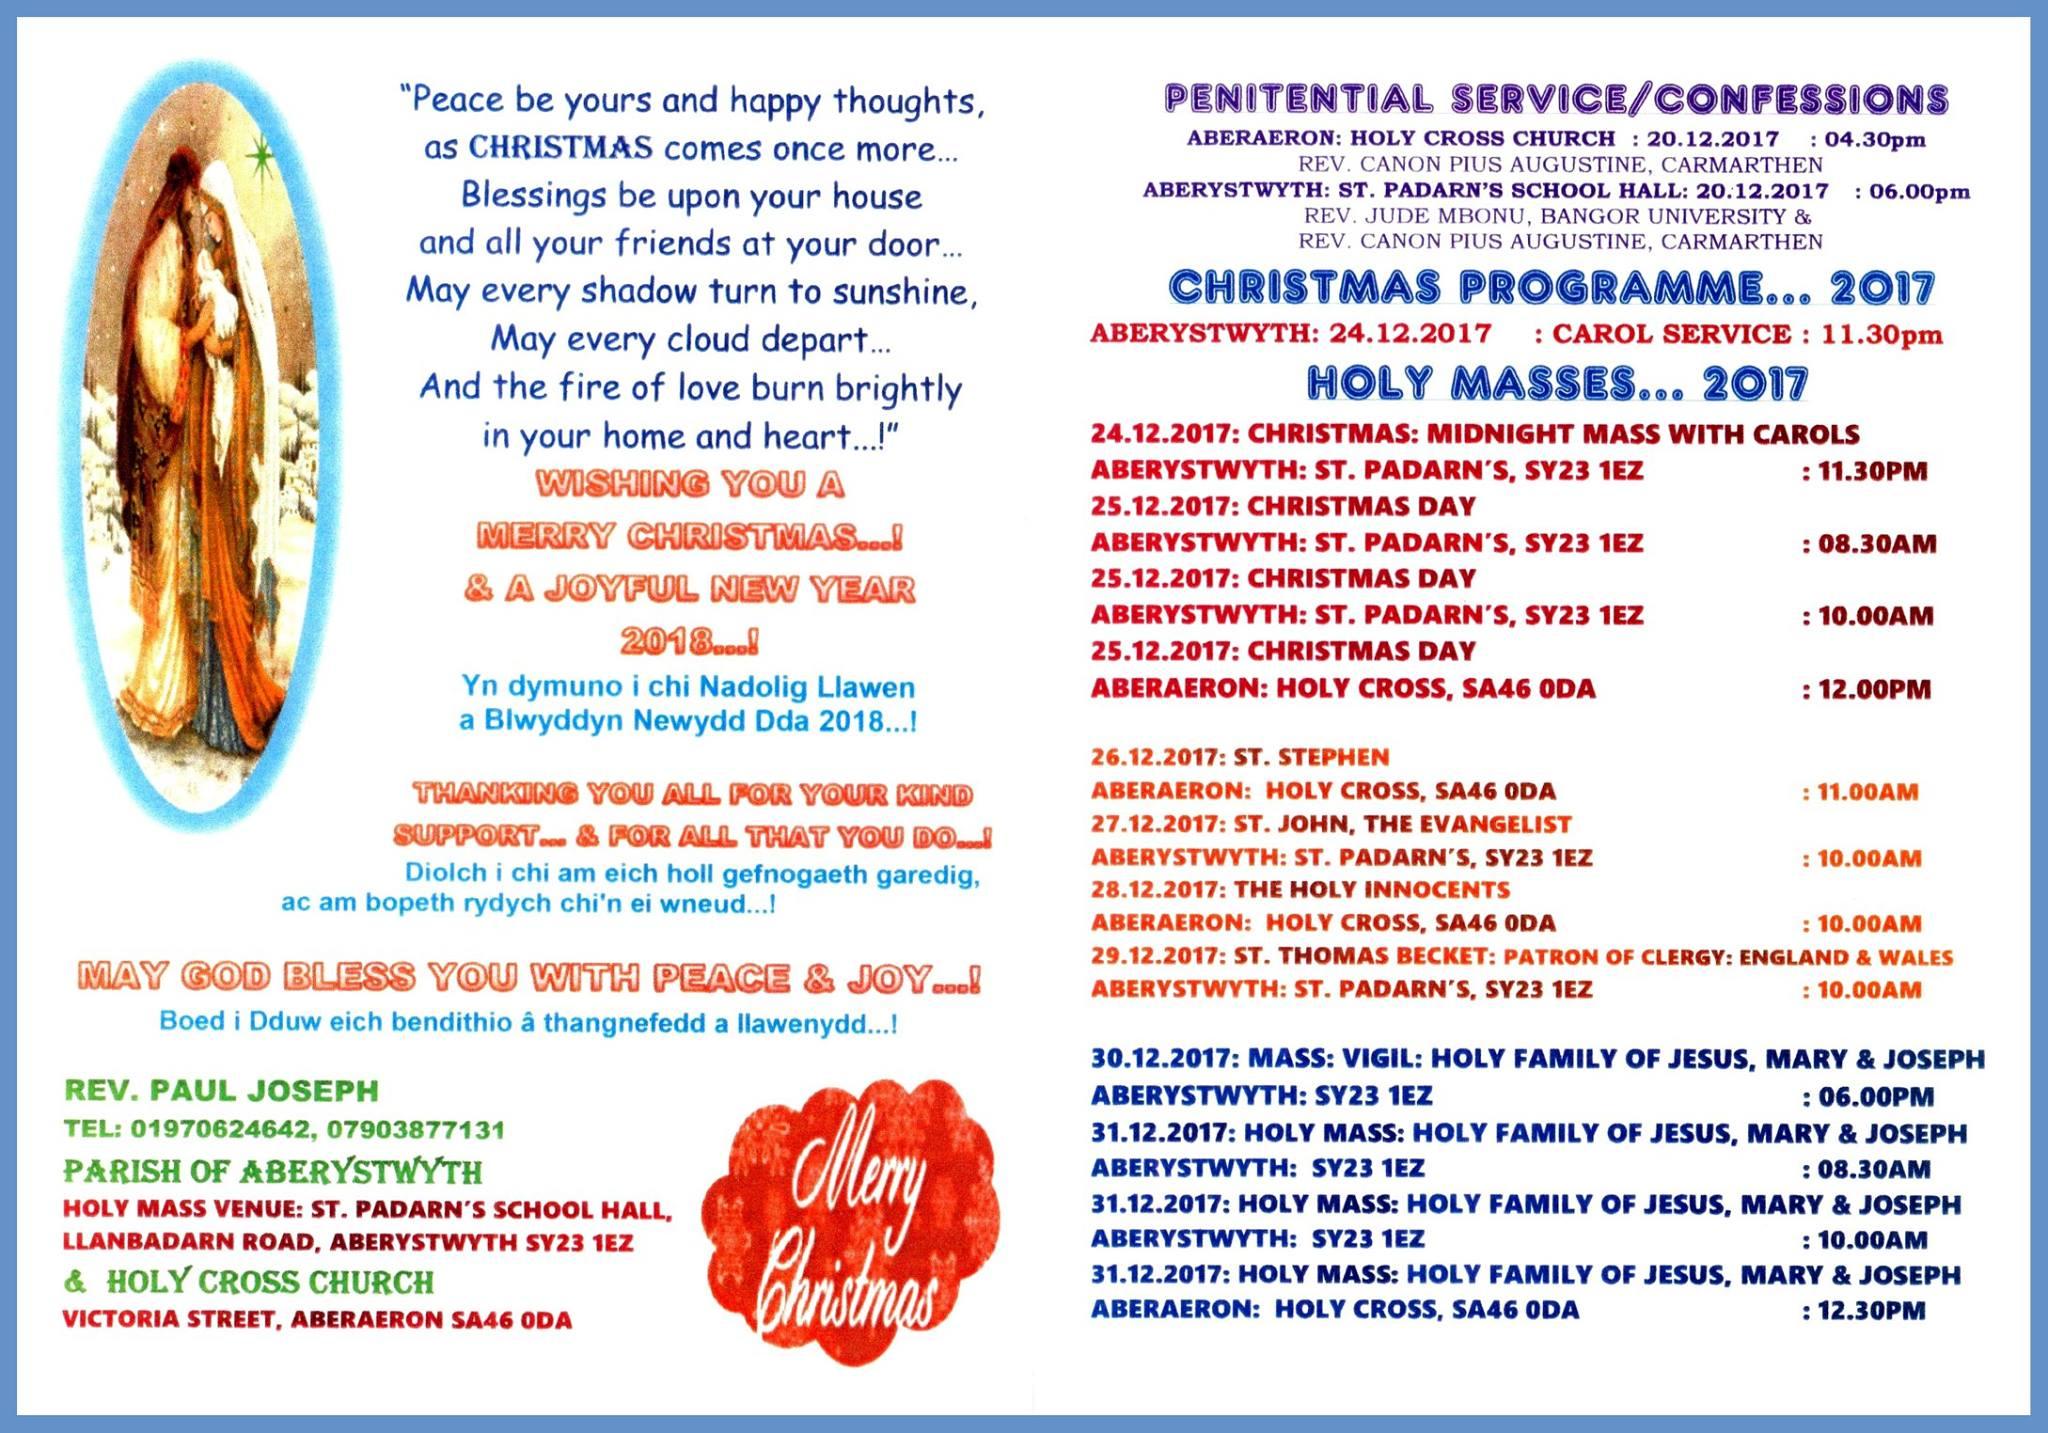 Christmas Programme 2017